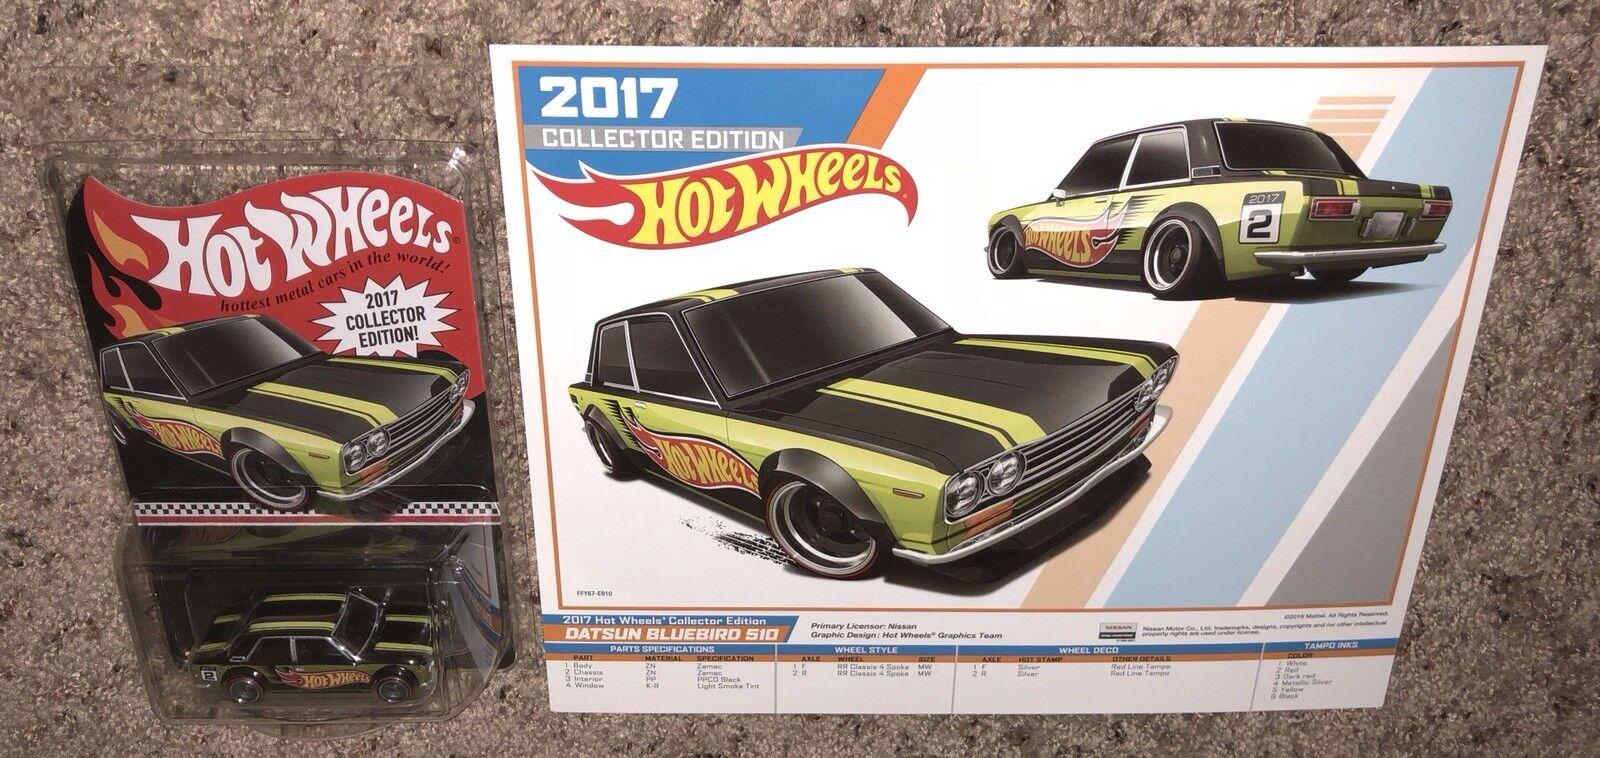 tienda de ventas outlet Hot Wheels 2016 Datsun azulbird 510 510 510 con K-day event Cochetel Kmart correo en     los nuevos estilos calientes